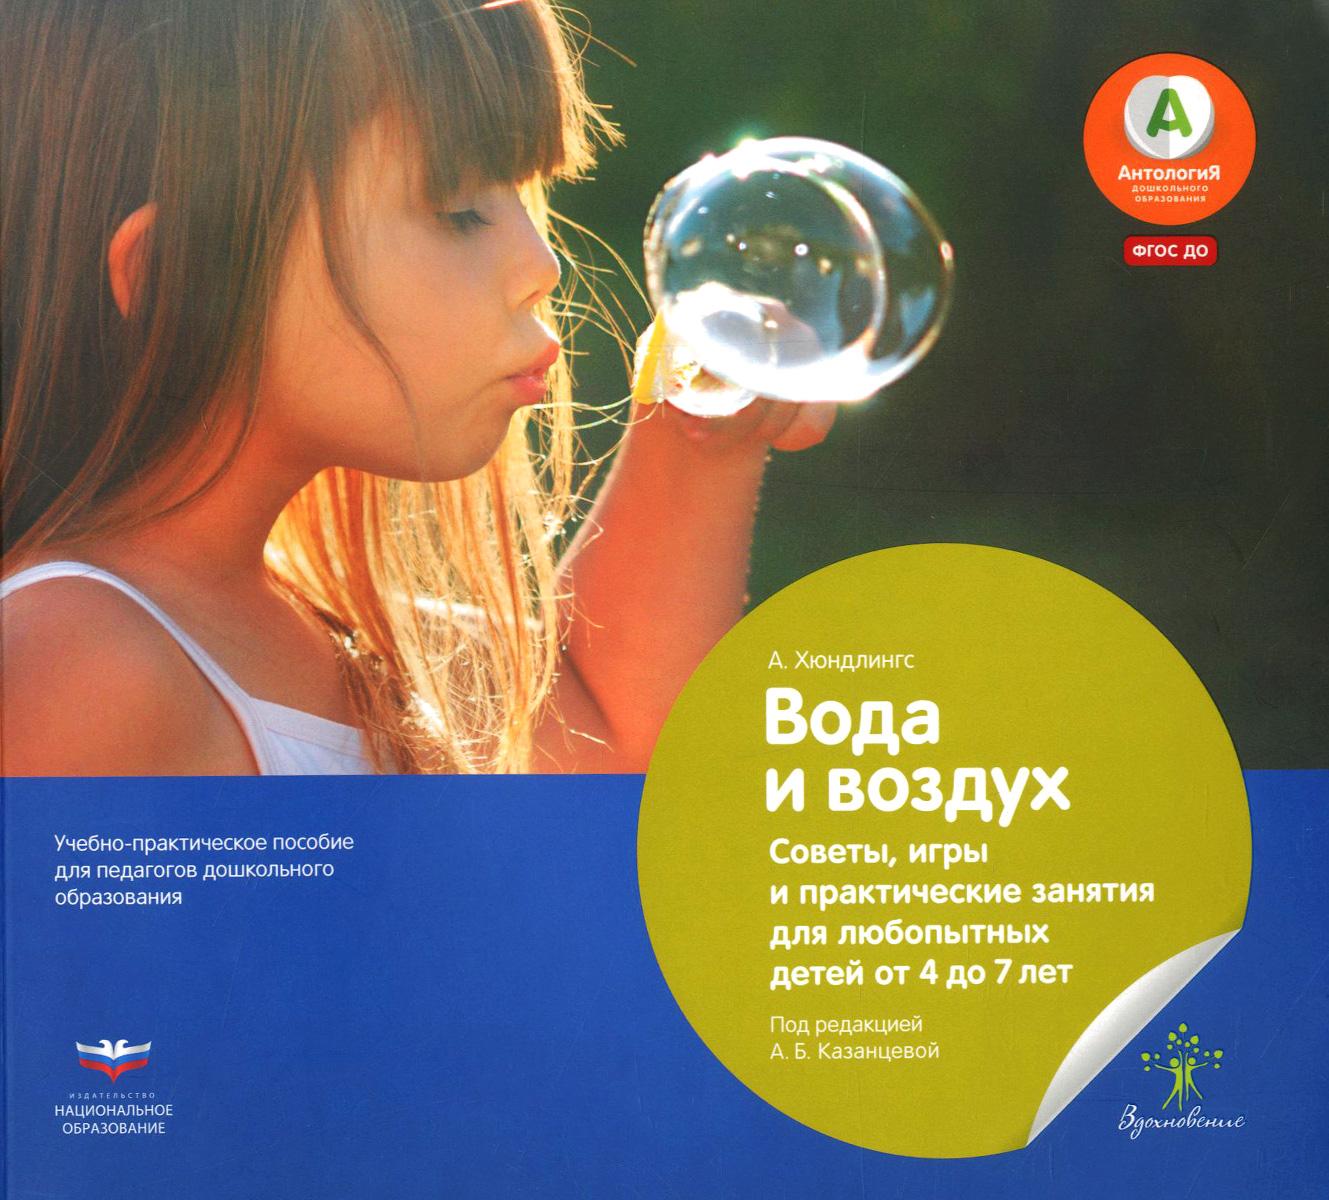 Вода и воздух. Советы, игры и практические занятия для любопытных детей от 4 до 7 лет